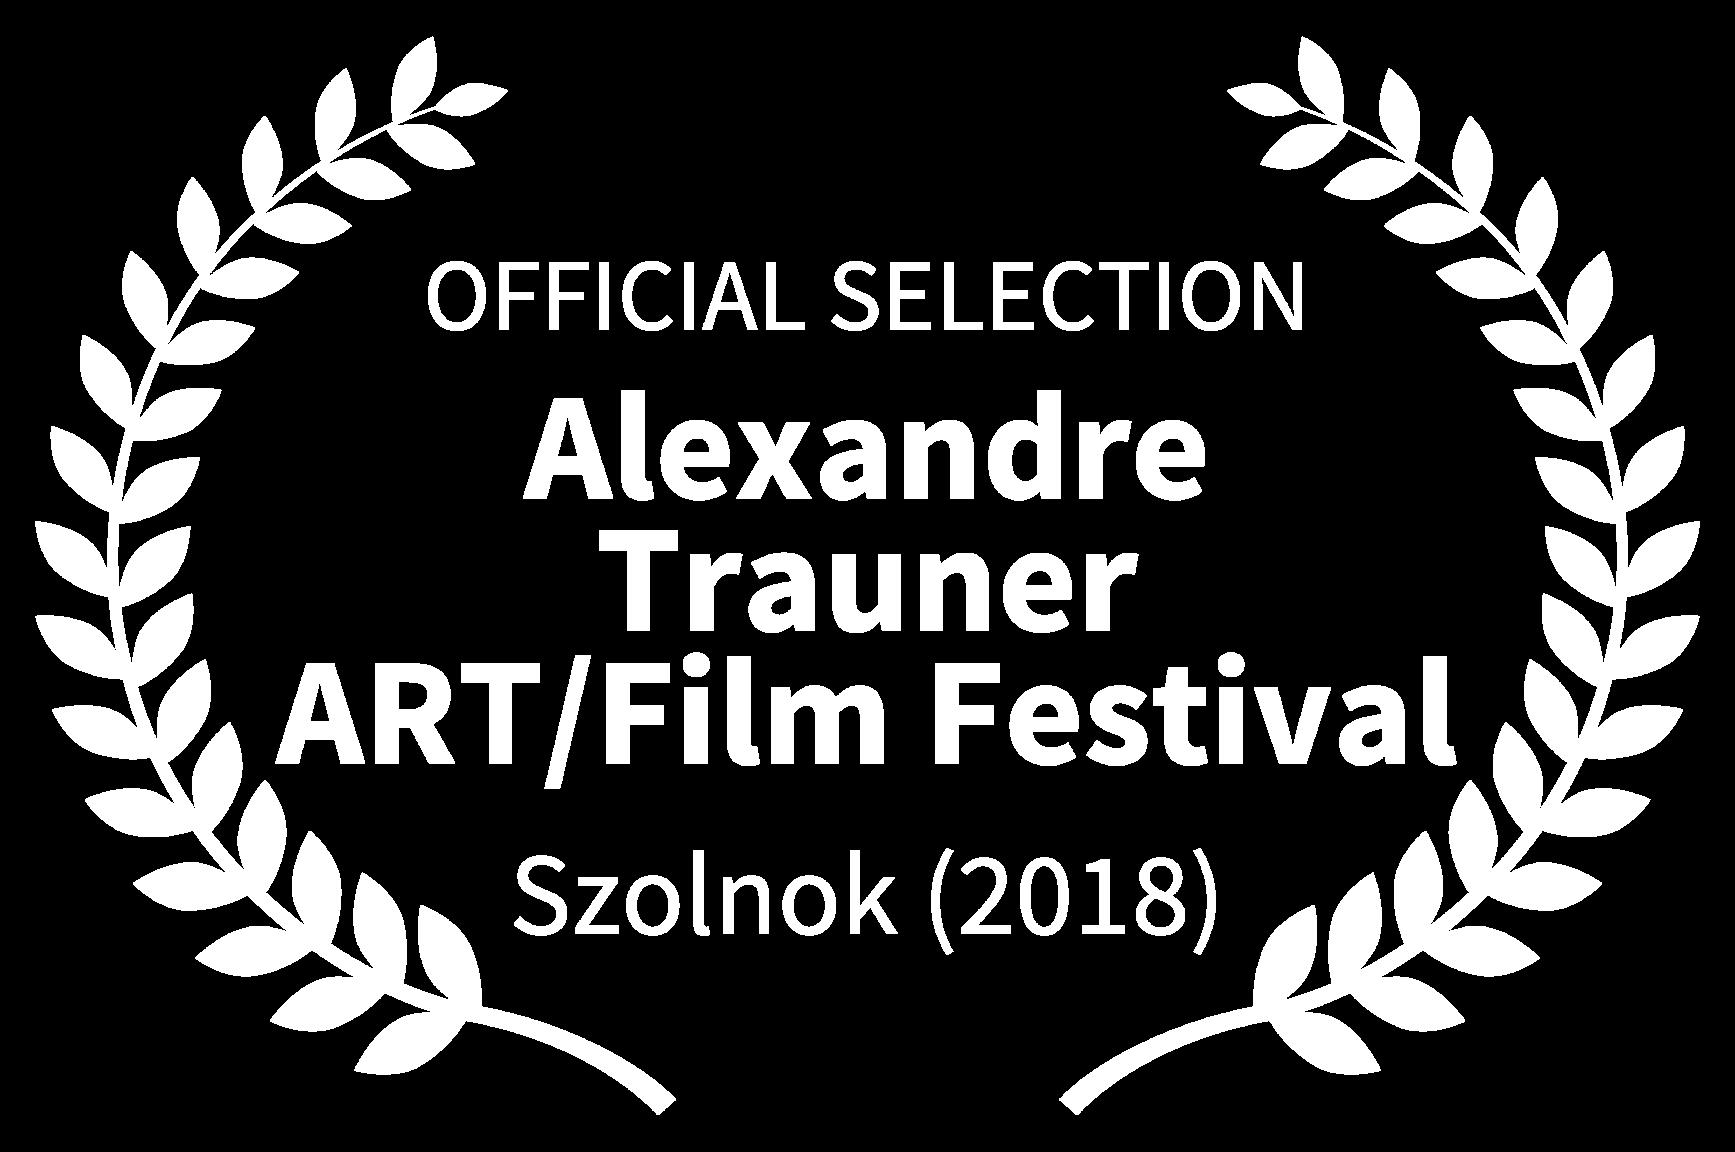 OFFICIAL SELECTION - Alexandre Trauner ARTFilm Festival - Szolnok 2018